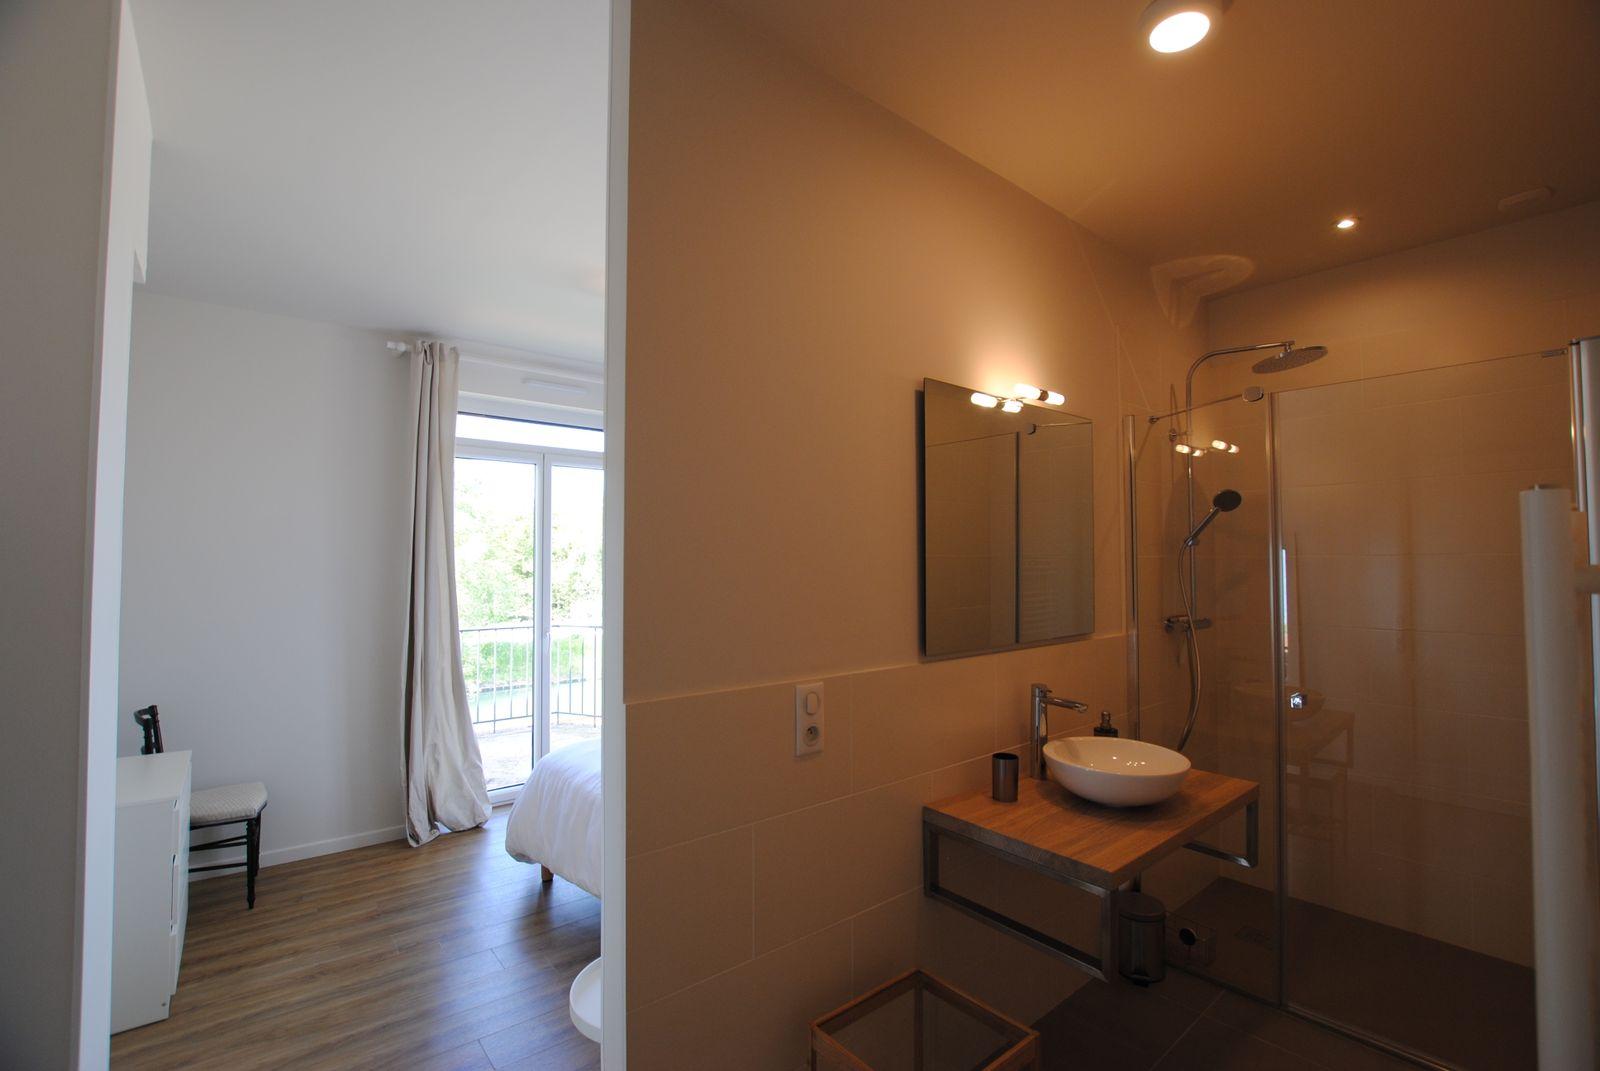 51G494 - Pogny - La Maison Gabriel - salle d'eau privative à la chambre 4